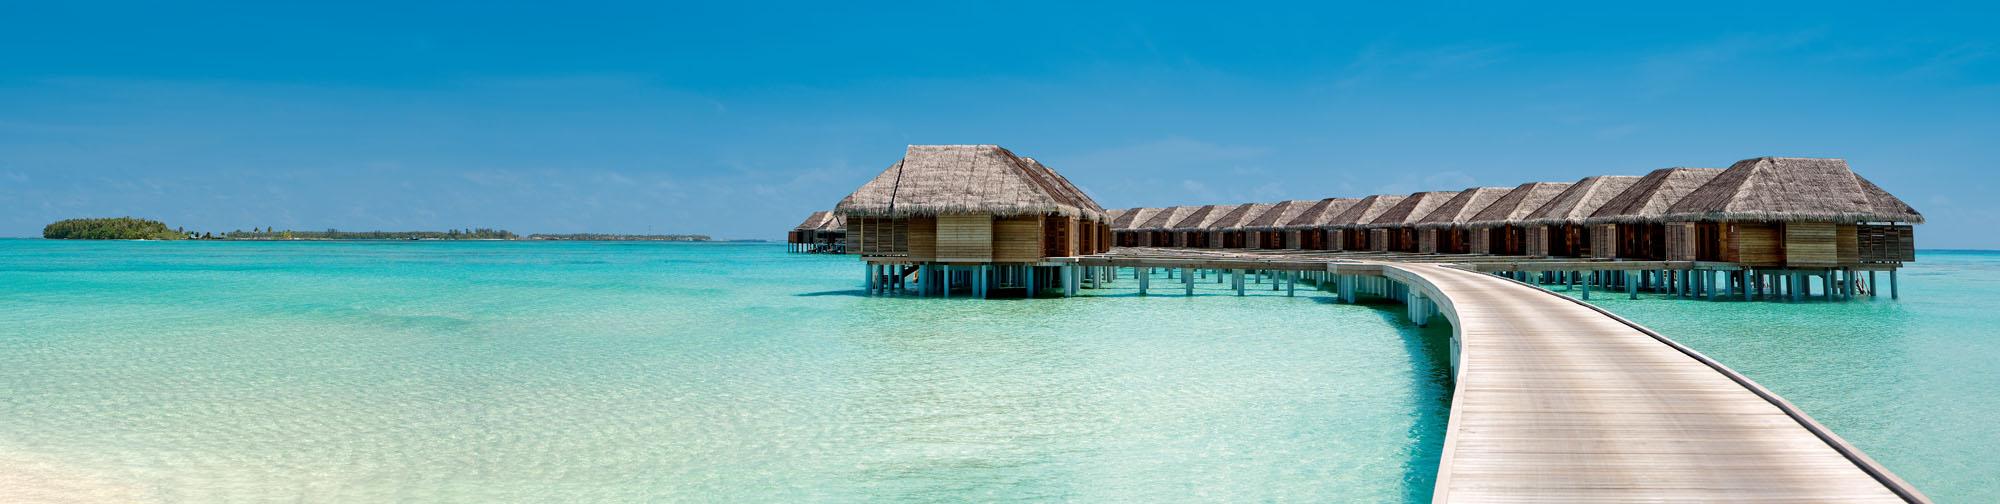 LUX-Maldives-06